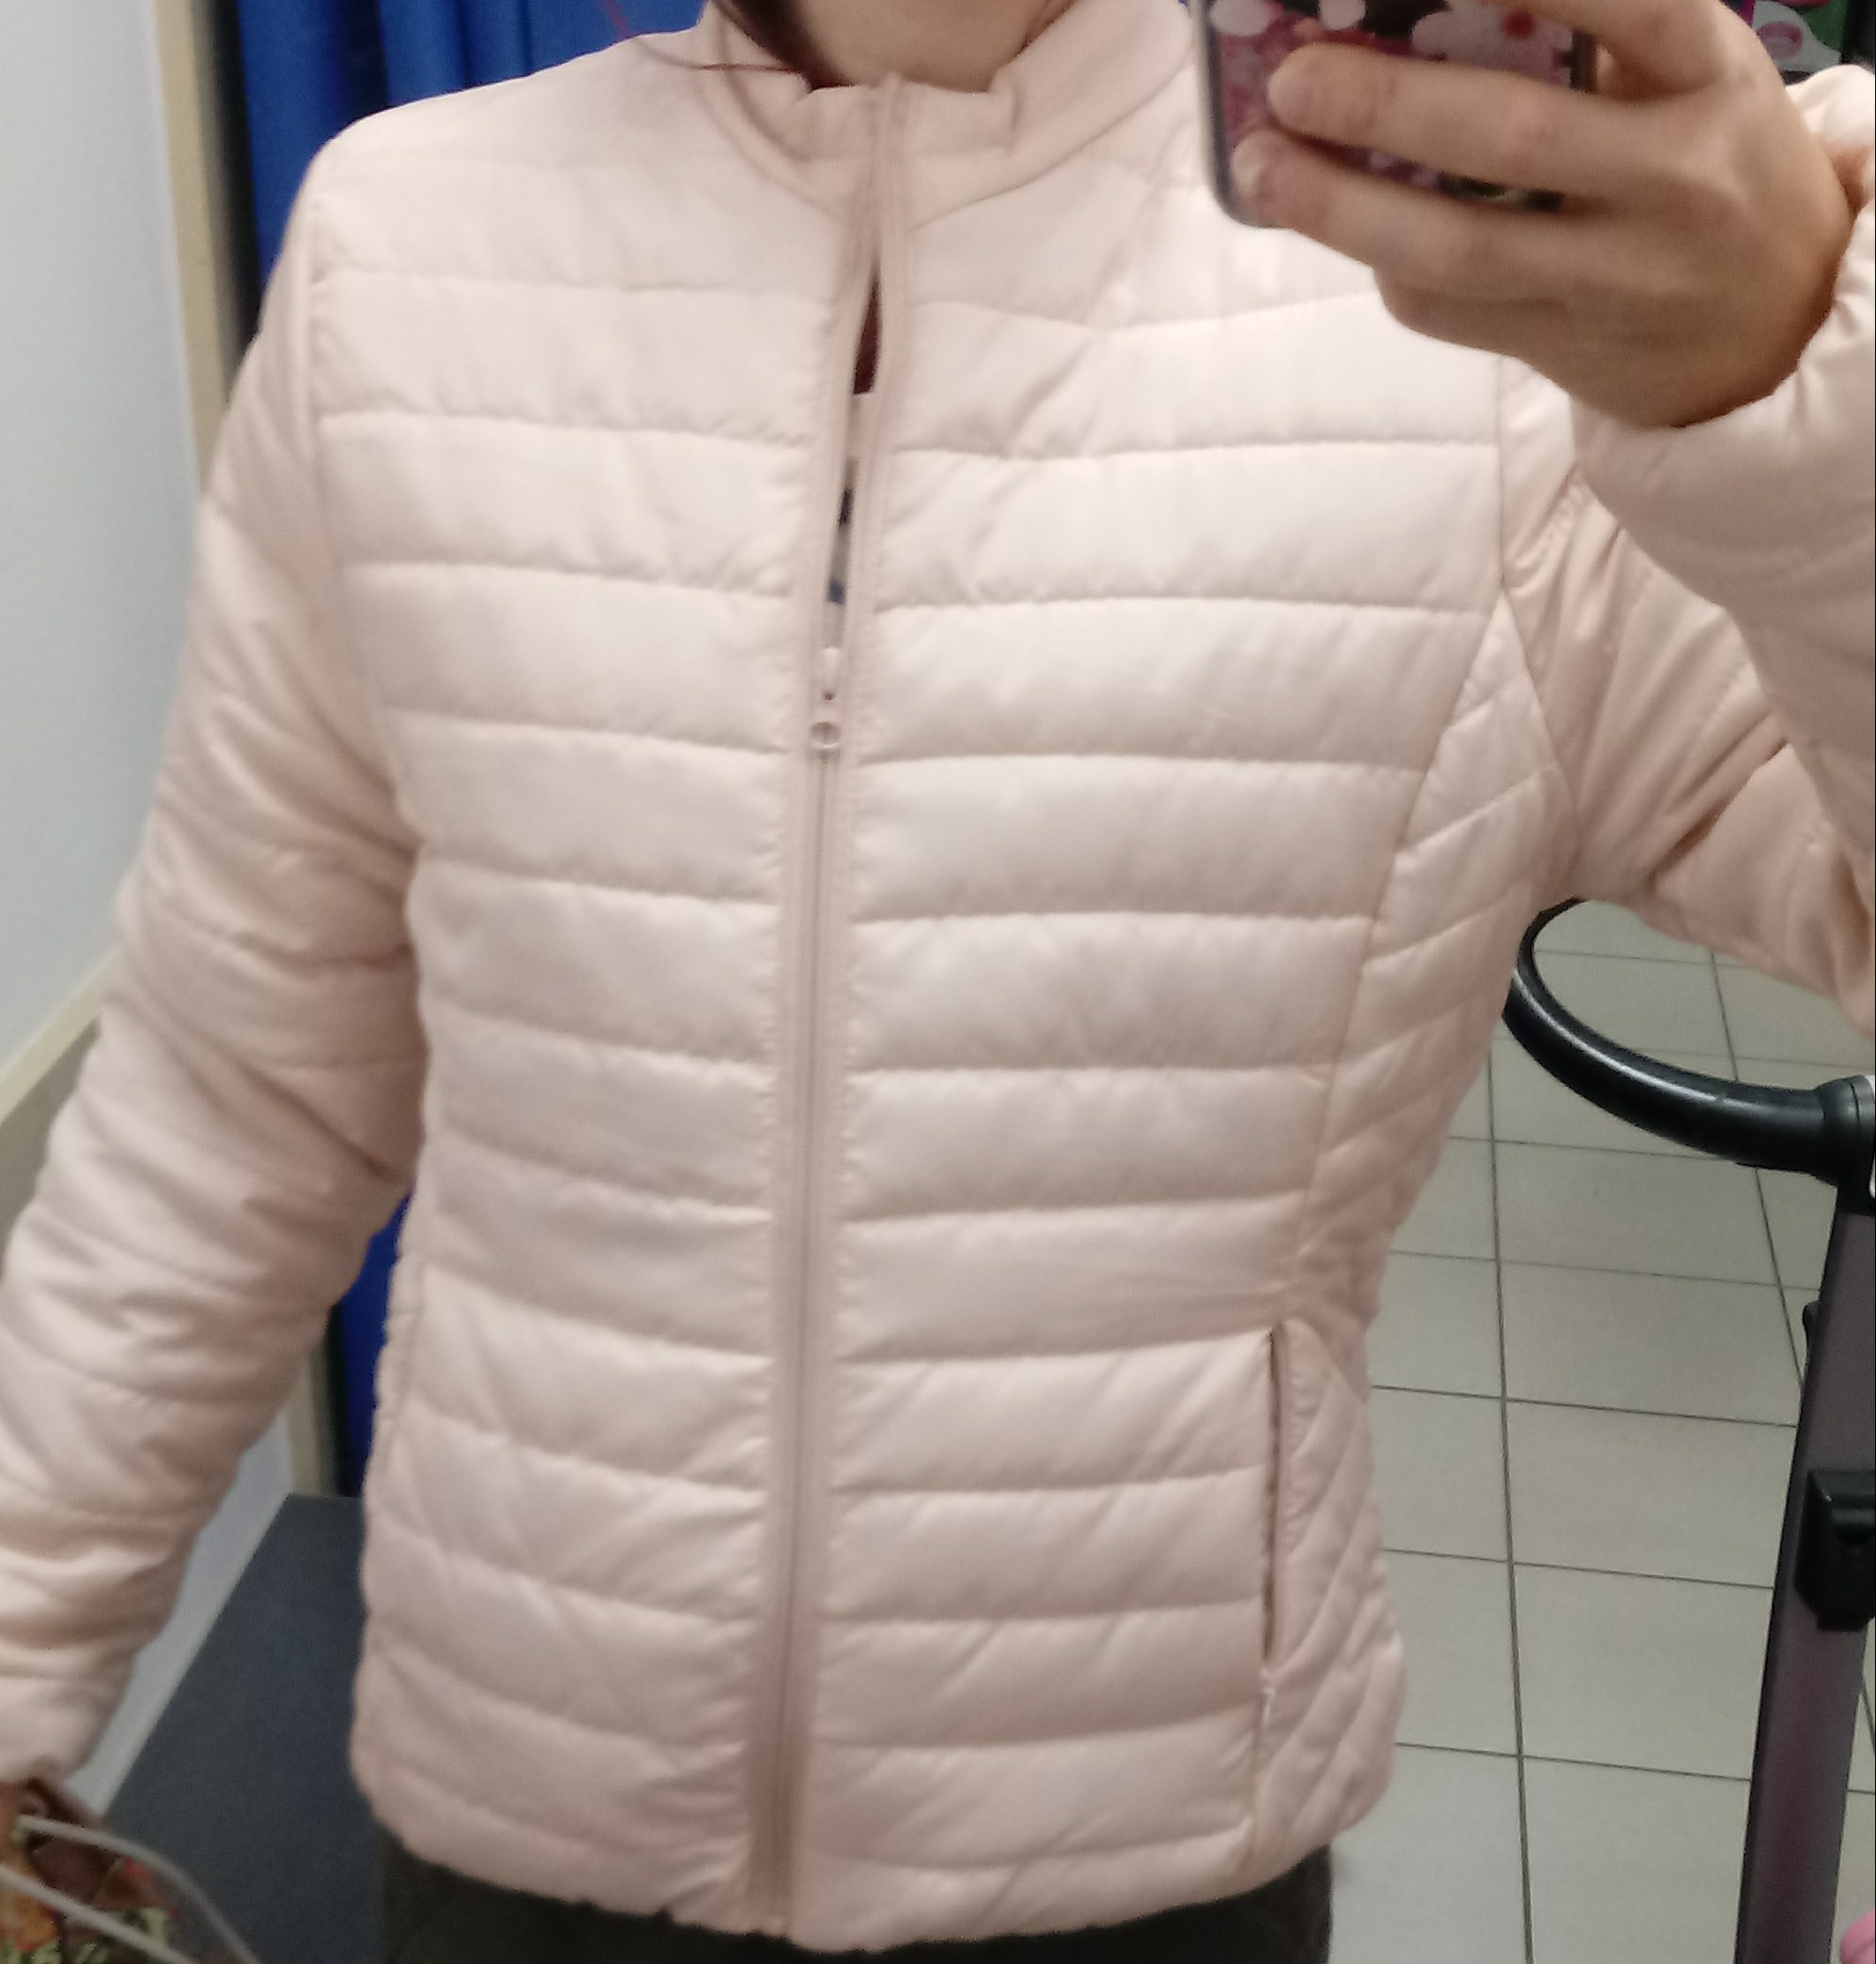 d3ad0601e86c88 NOWA kurtka pikowana pudrowy róż PEPCO zara - 7364709863 - oficjalne ...